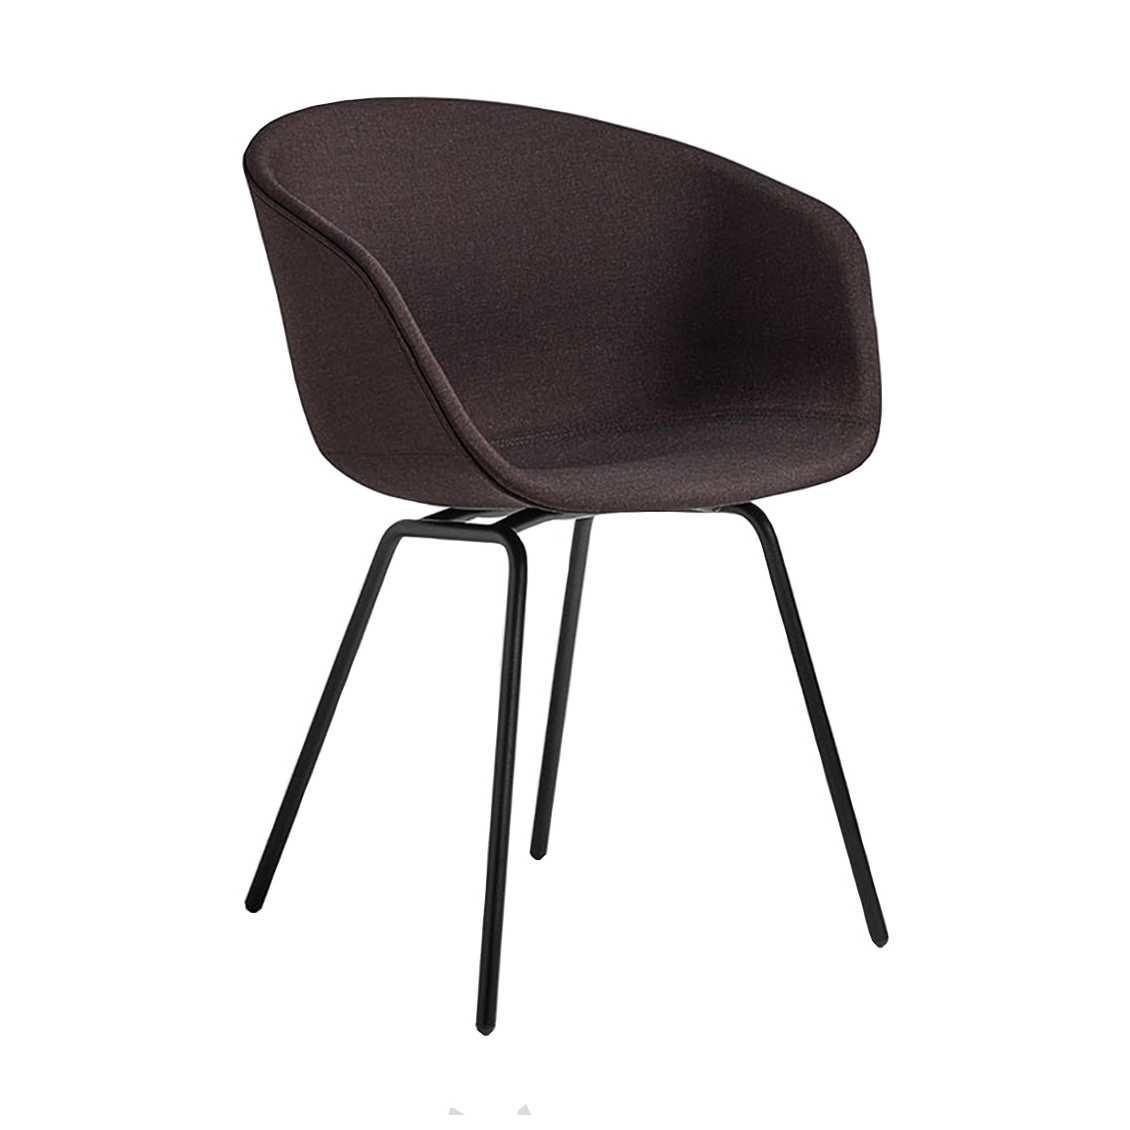 HAY AAC 27  Beklede stoel met metalen poot (prijsgroep 1 )